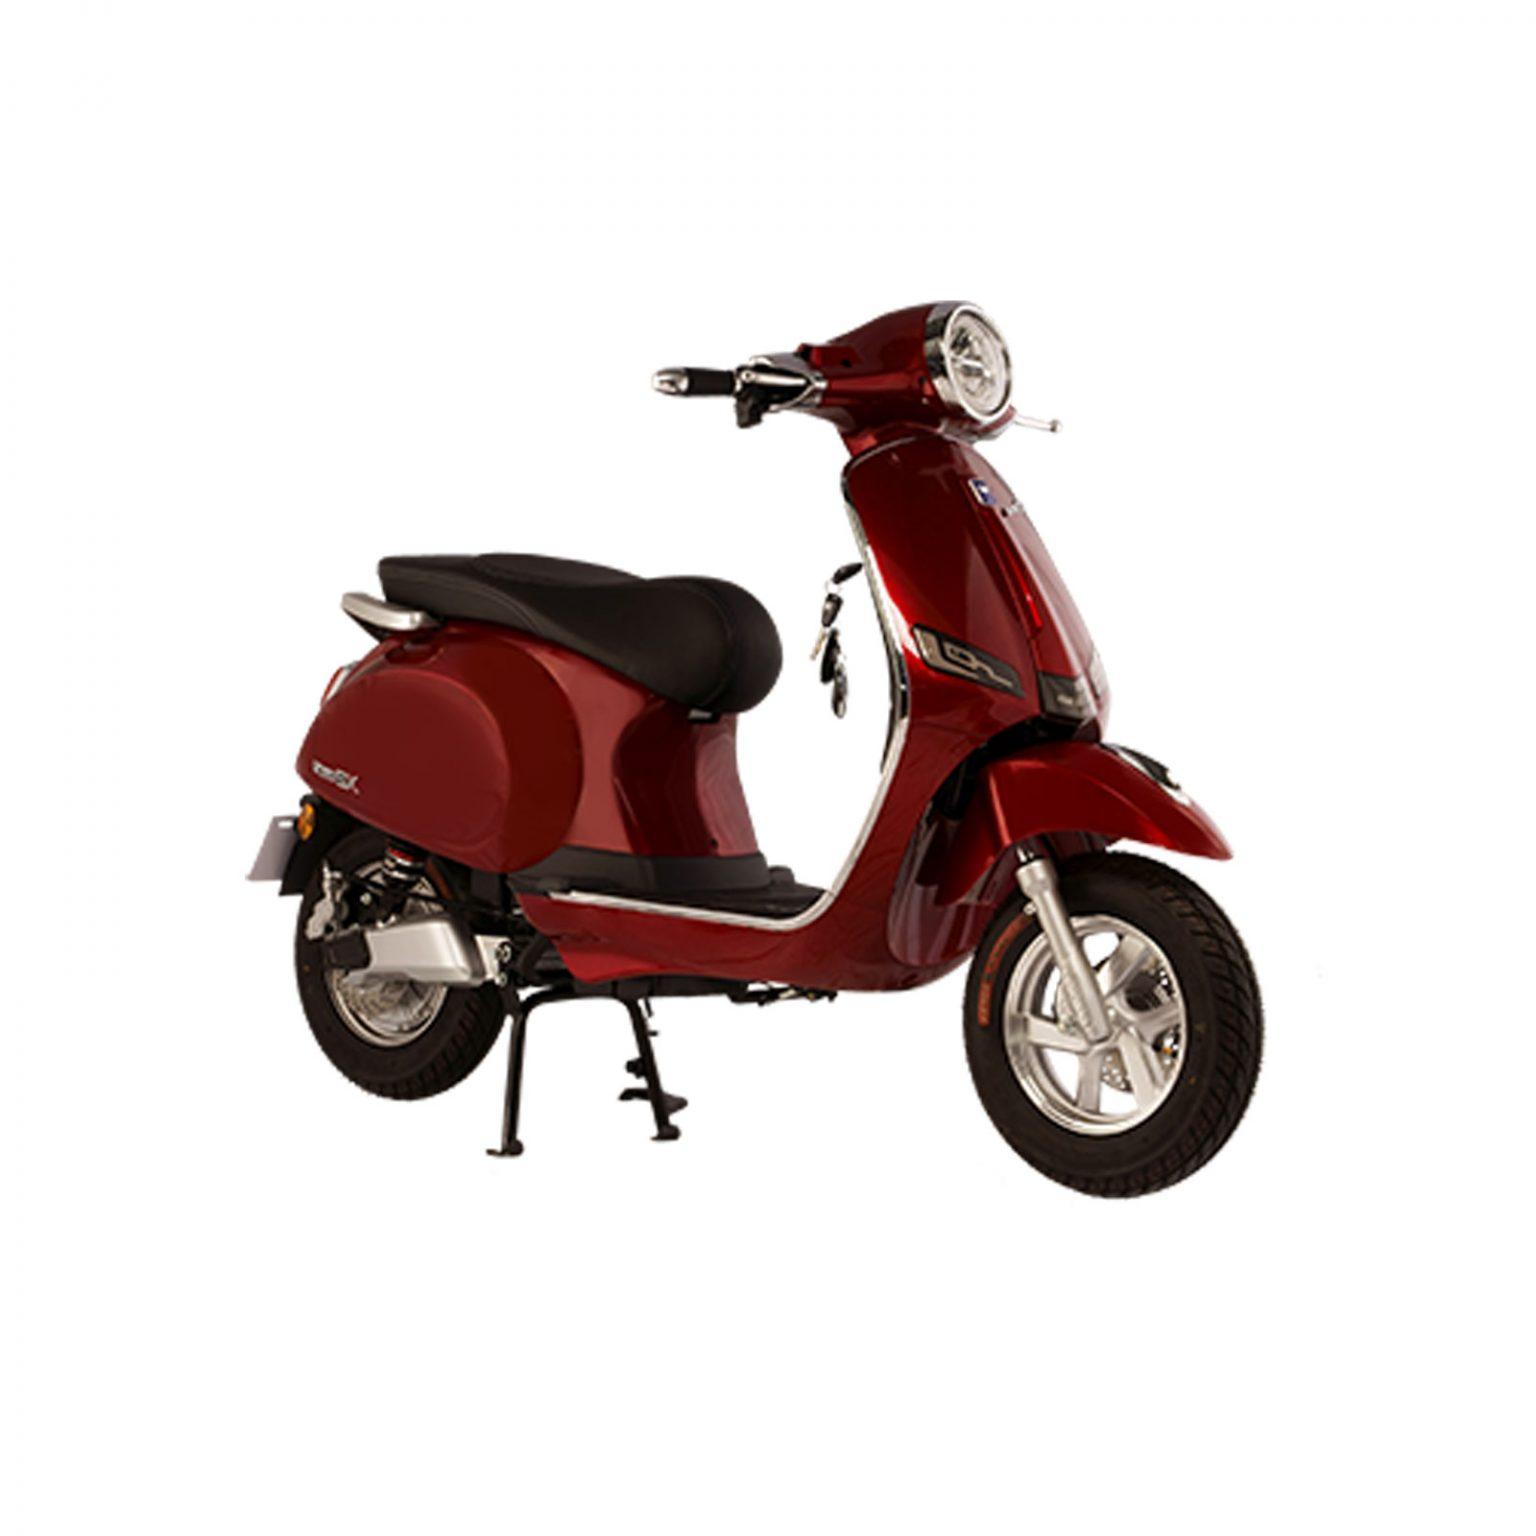 Xe máy điện DK ROMA SX Đỏ-Đậm